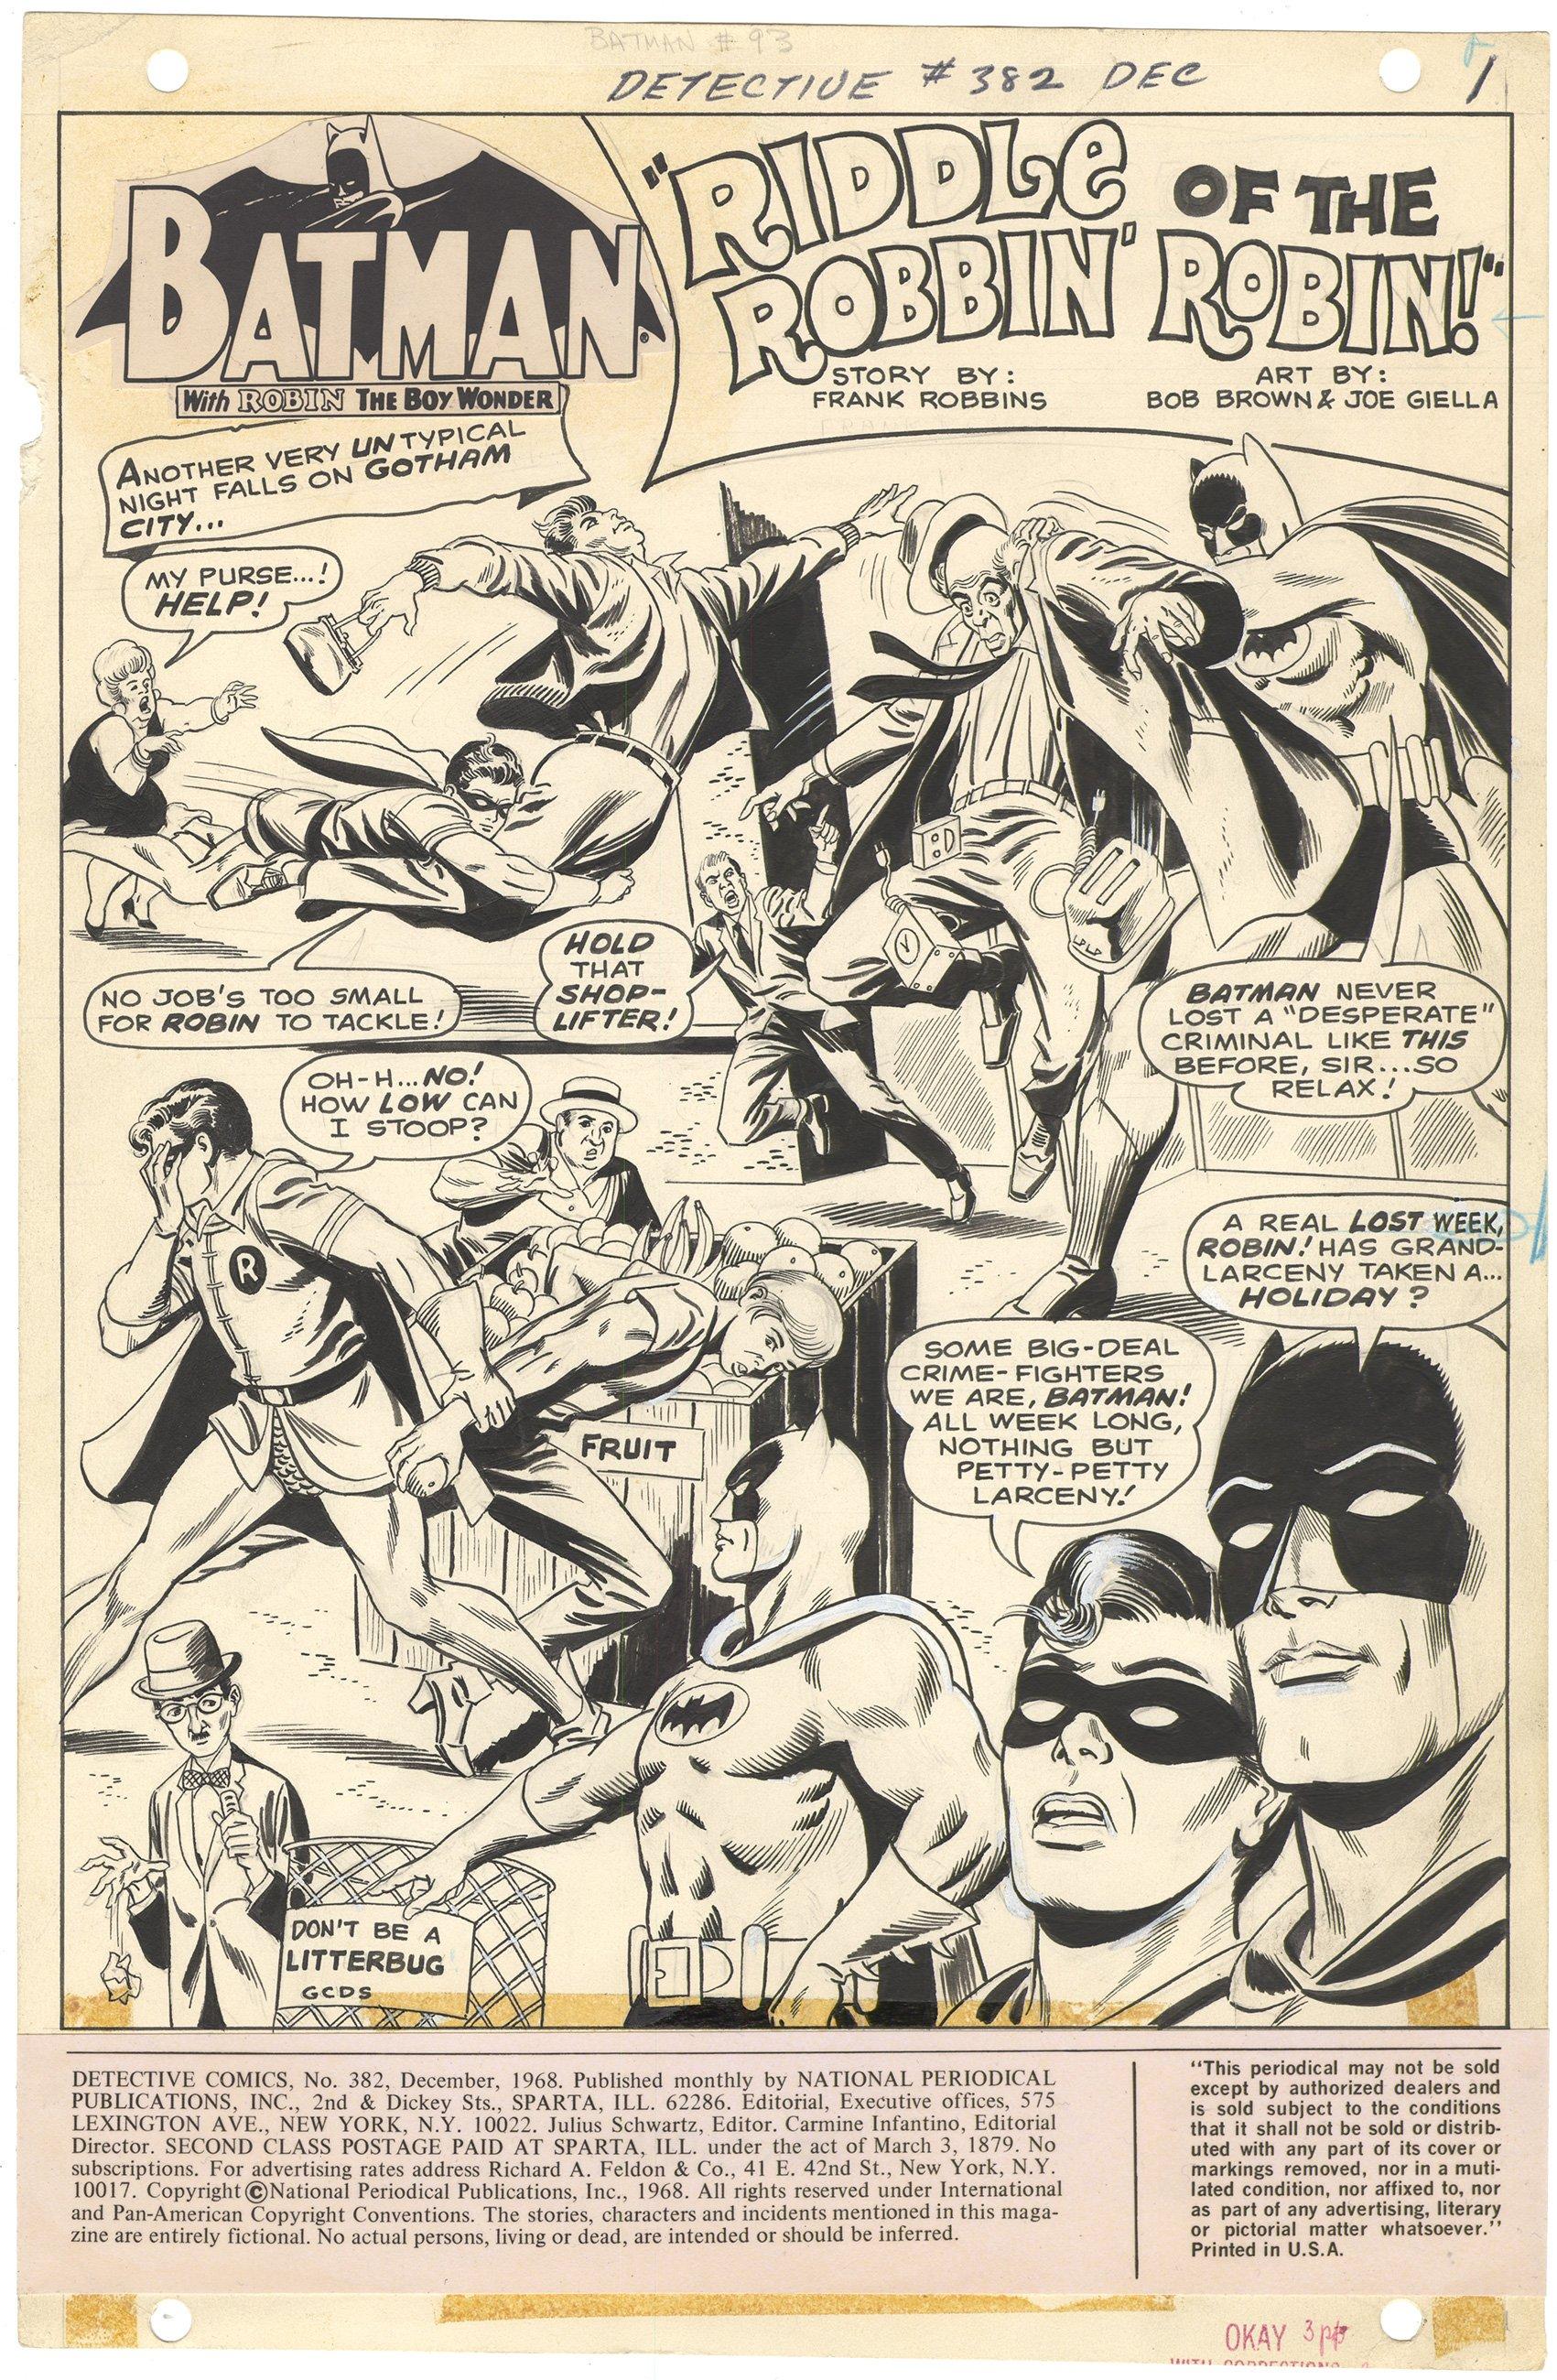 Detective Comics #382 p1